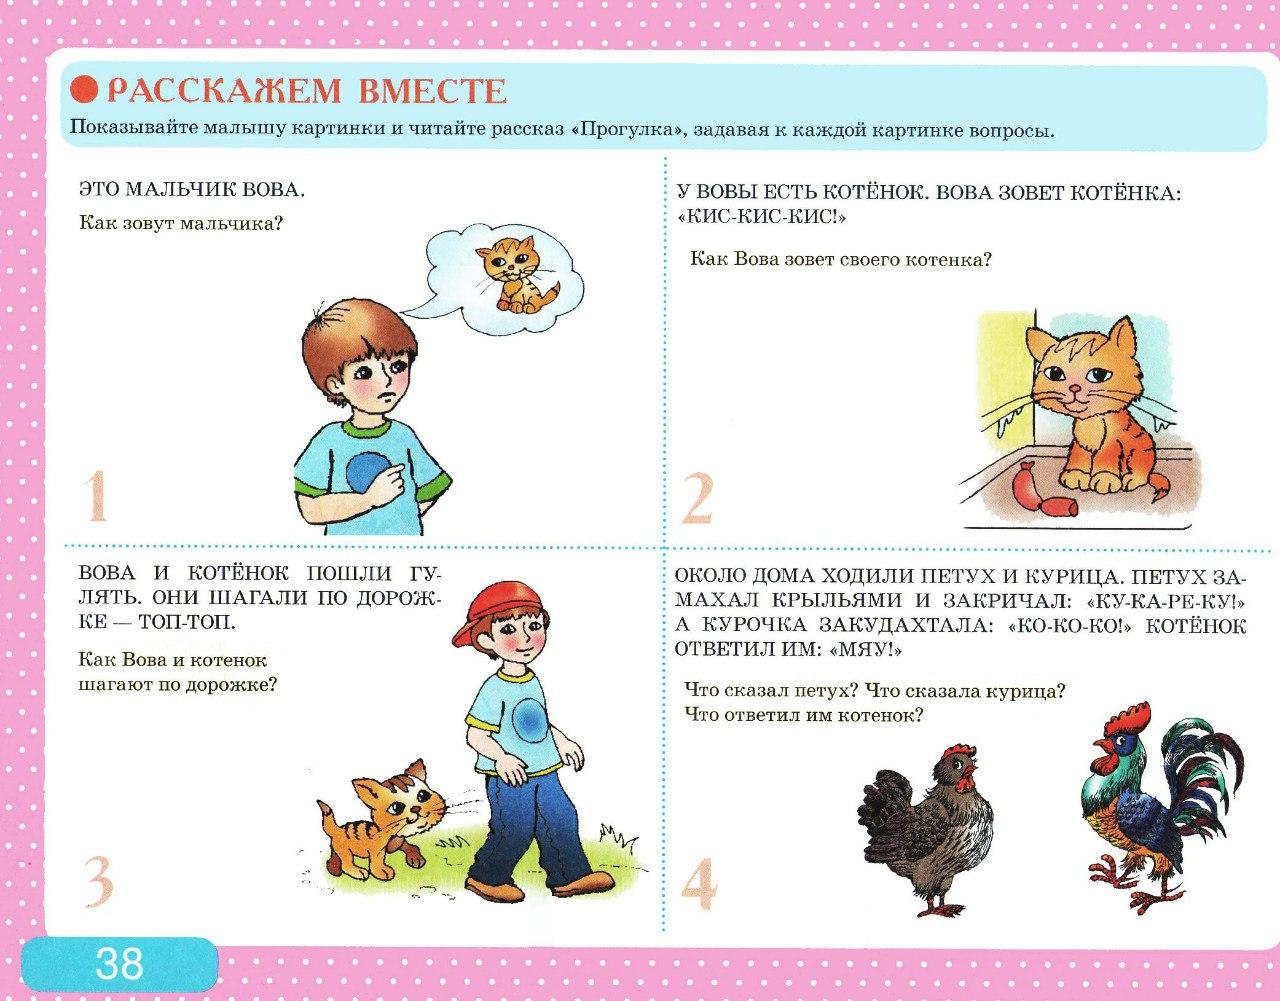 Задания с картинками для развития речи